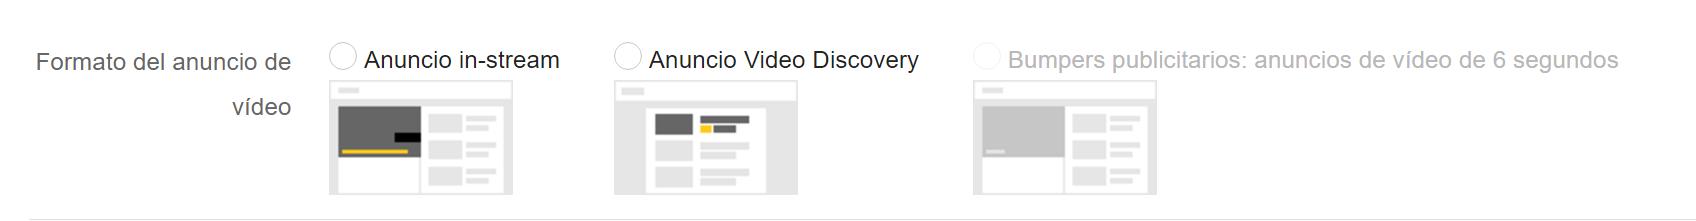 formatos videos